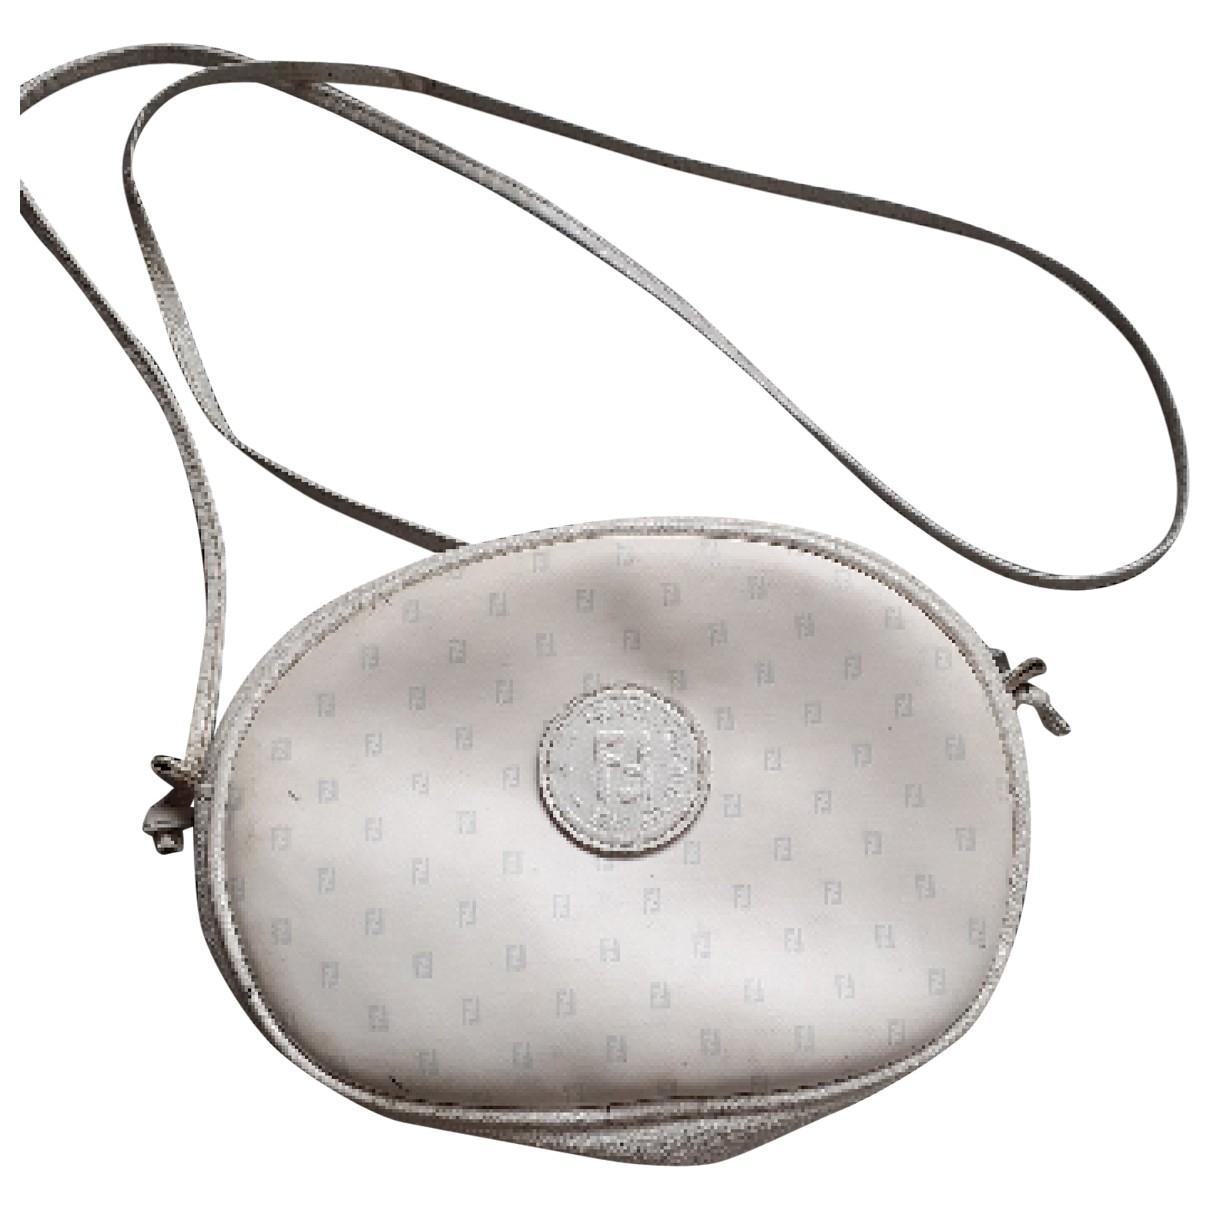 Fendi \N Handtasche in  Weiss Leinen